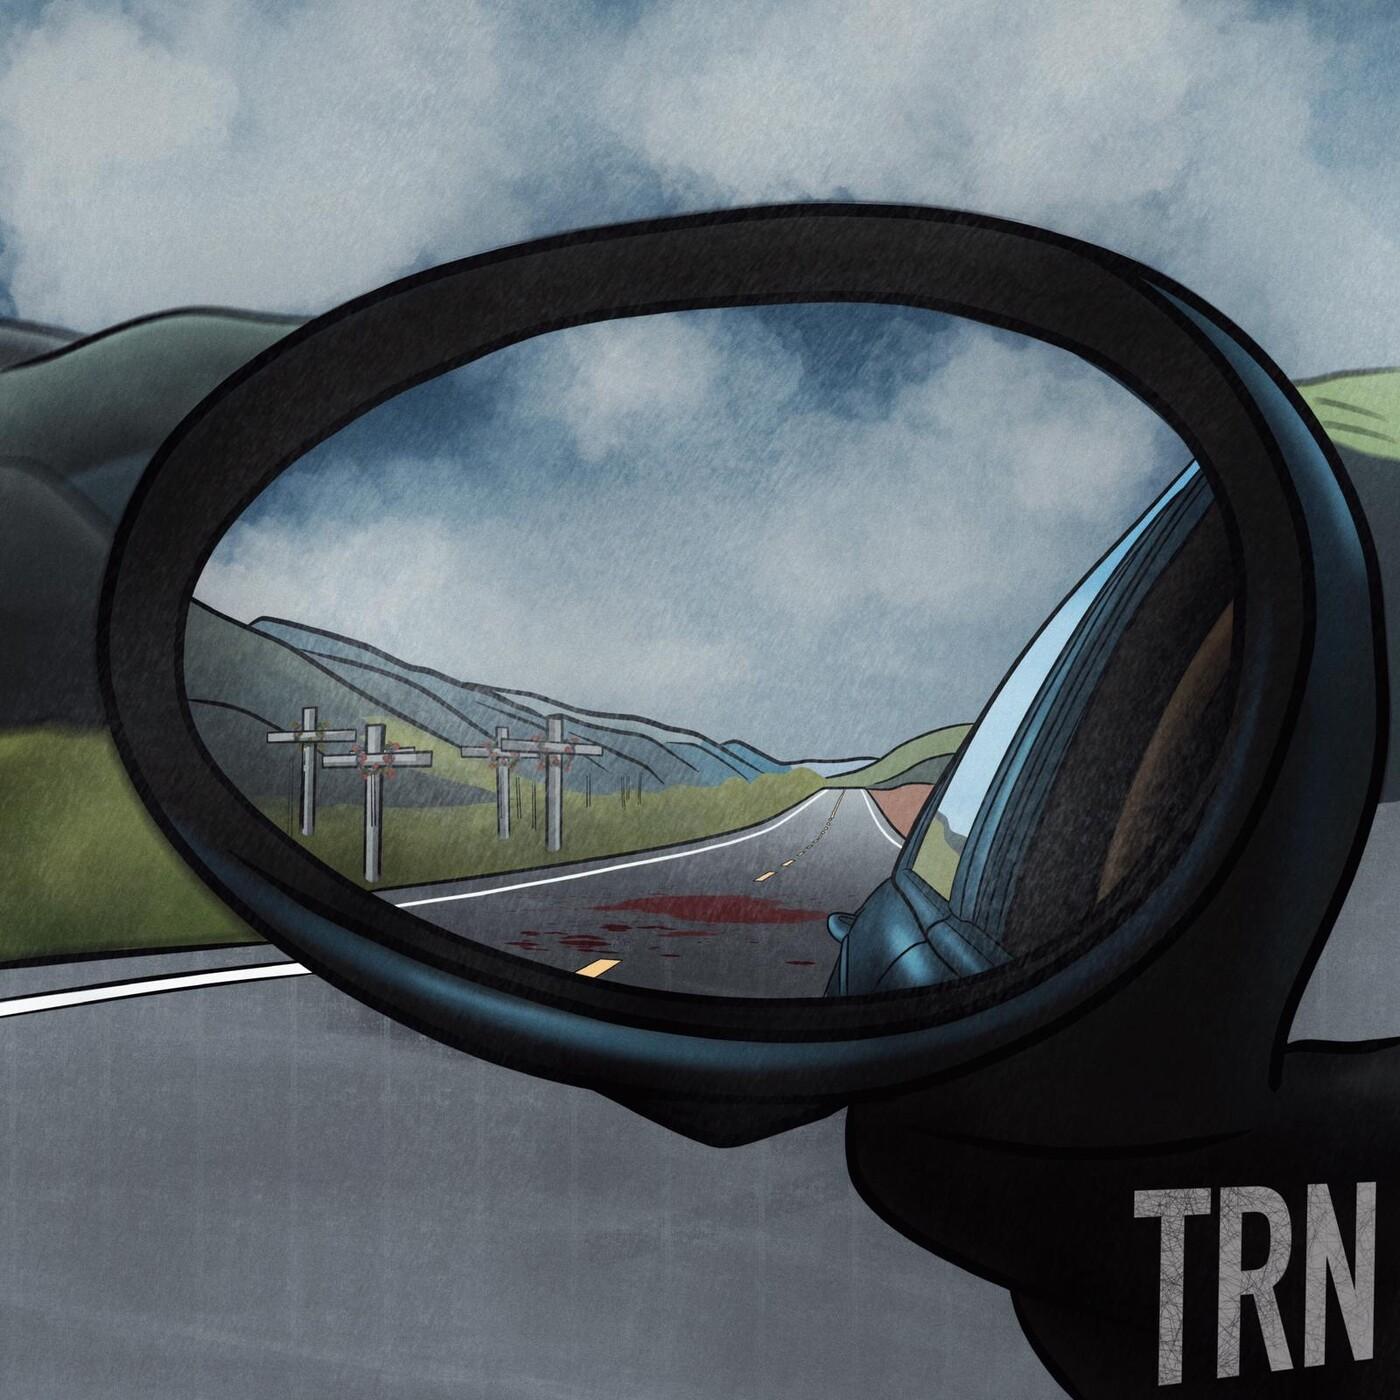 apariciones en carretera/santa compaña